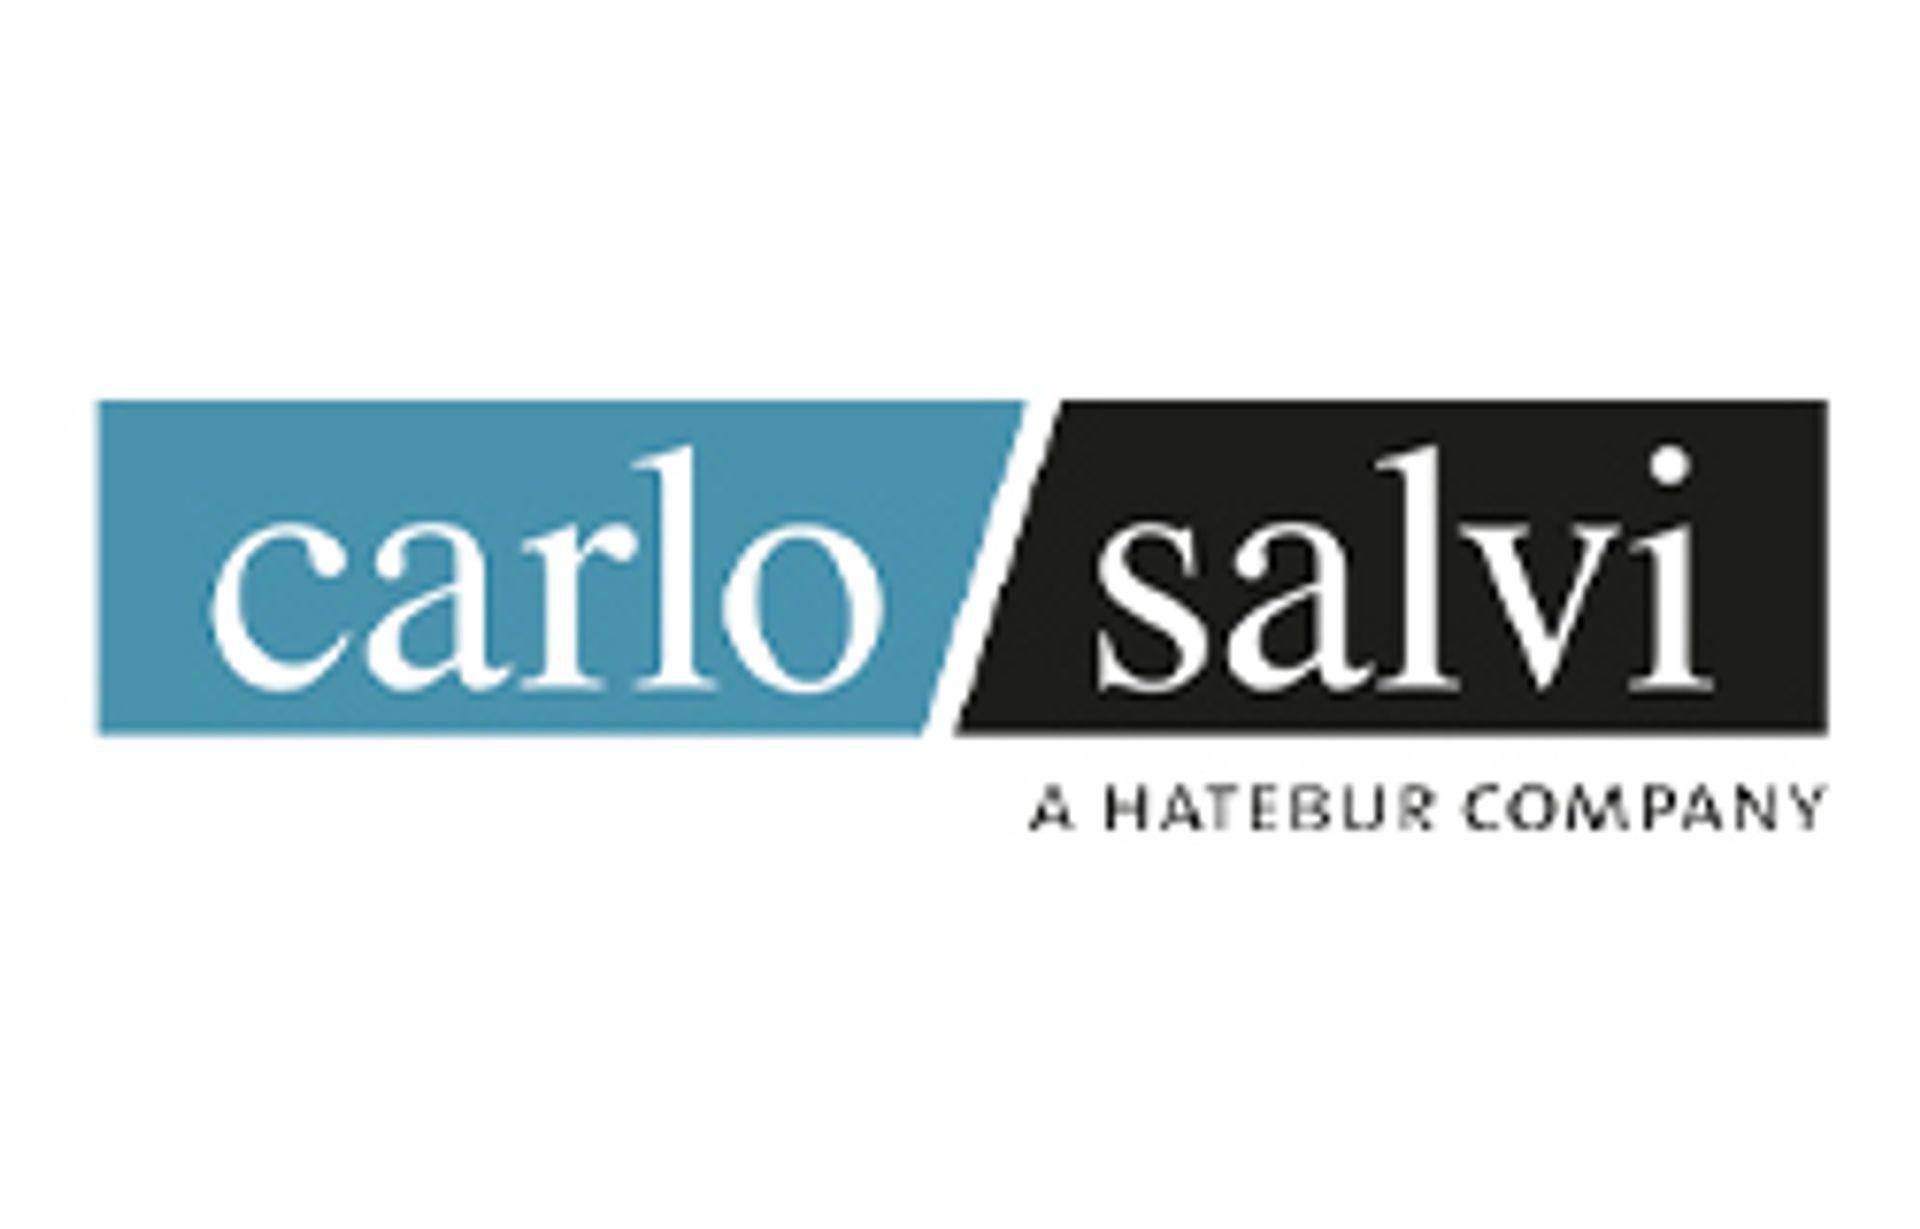 Carlo Salvi